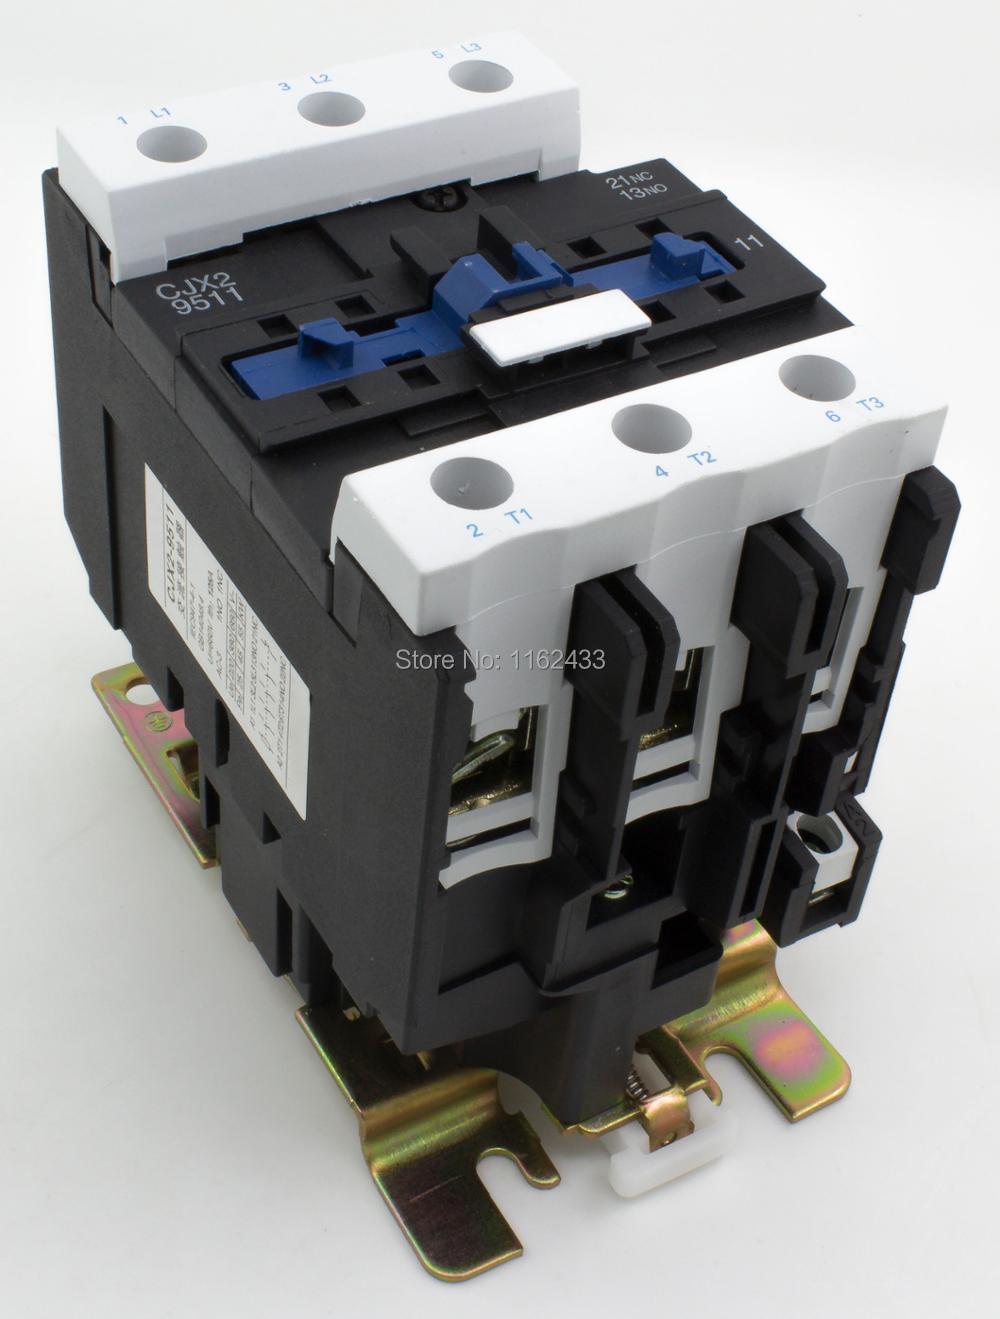 CJX2-9511 95A 3P NO + NC AC contactor CJX2-95 LC1-D95 series contactor 220V 380V 110V 48V 36V 24V